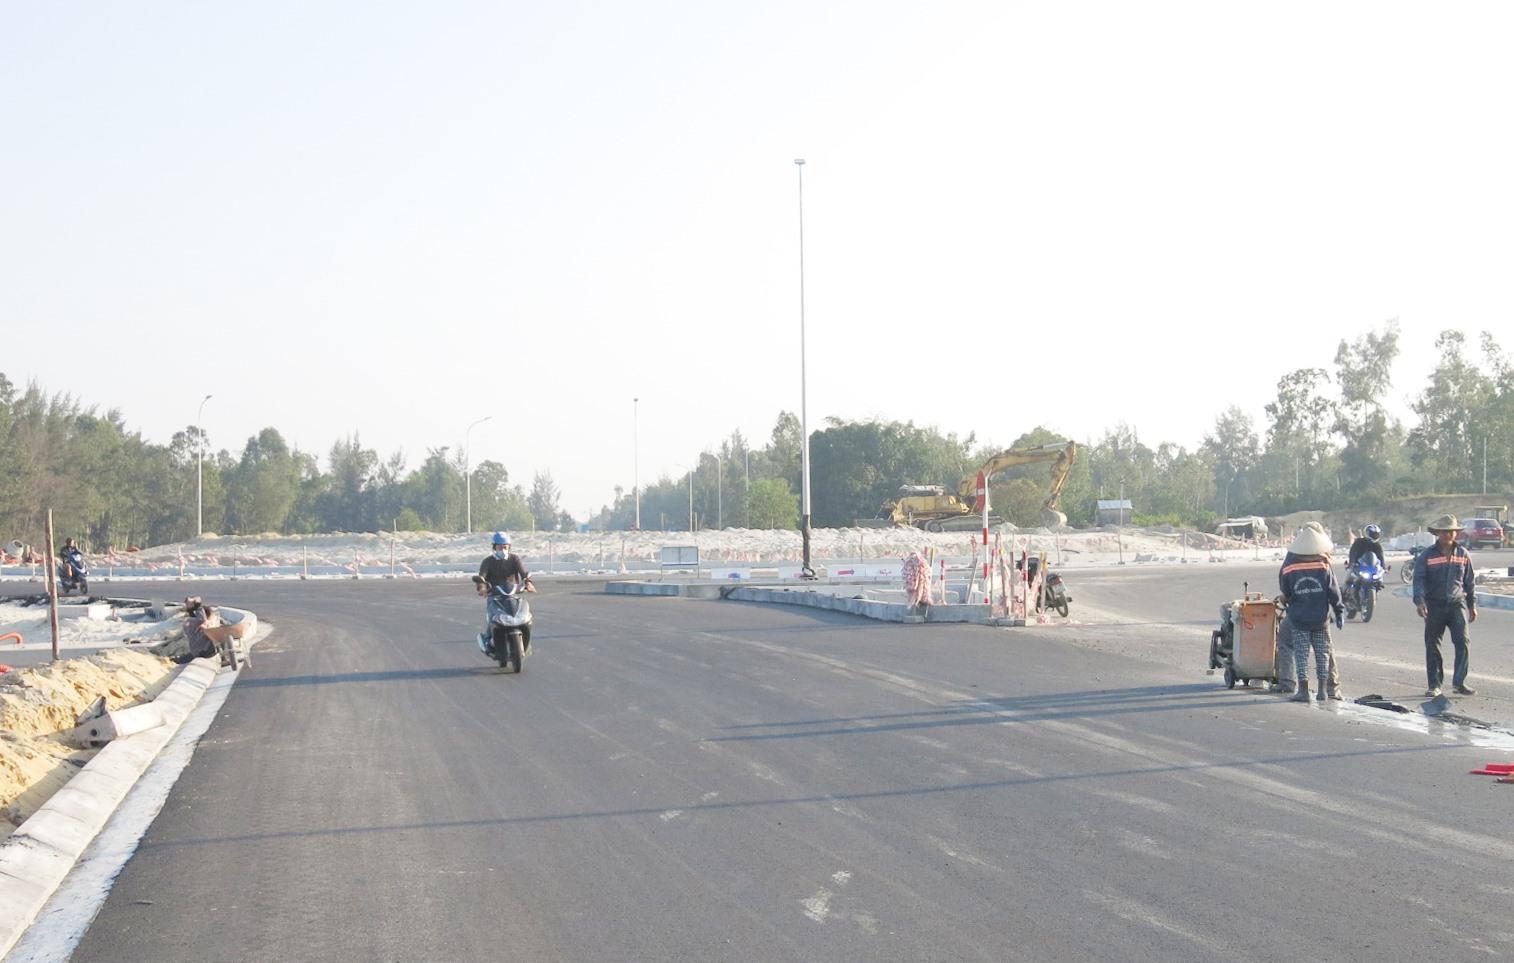 Đường 129 (Võ Chí Công ) và cầu Cửa Đại là biểu tượng sinh động nhất của đầu tư công phục vụ kết nối giao thông hai vùng kinh tế nam - bắc của Quảng Nam.Ảnh: T.D